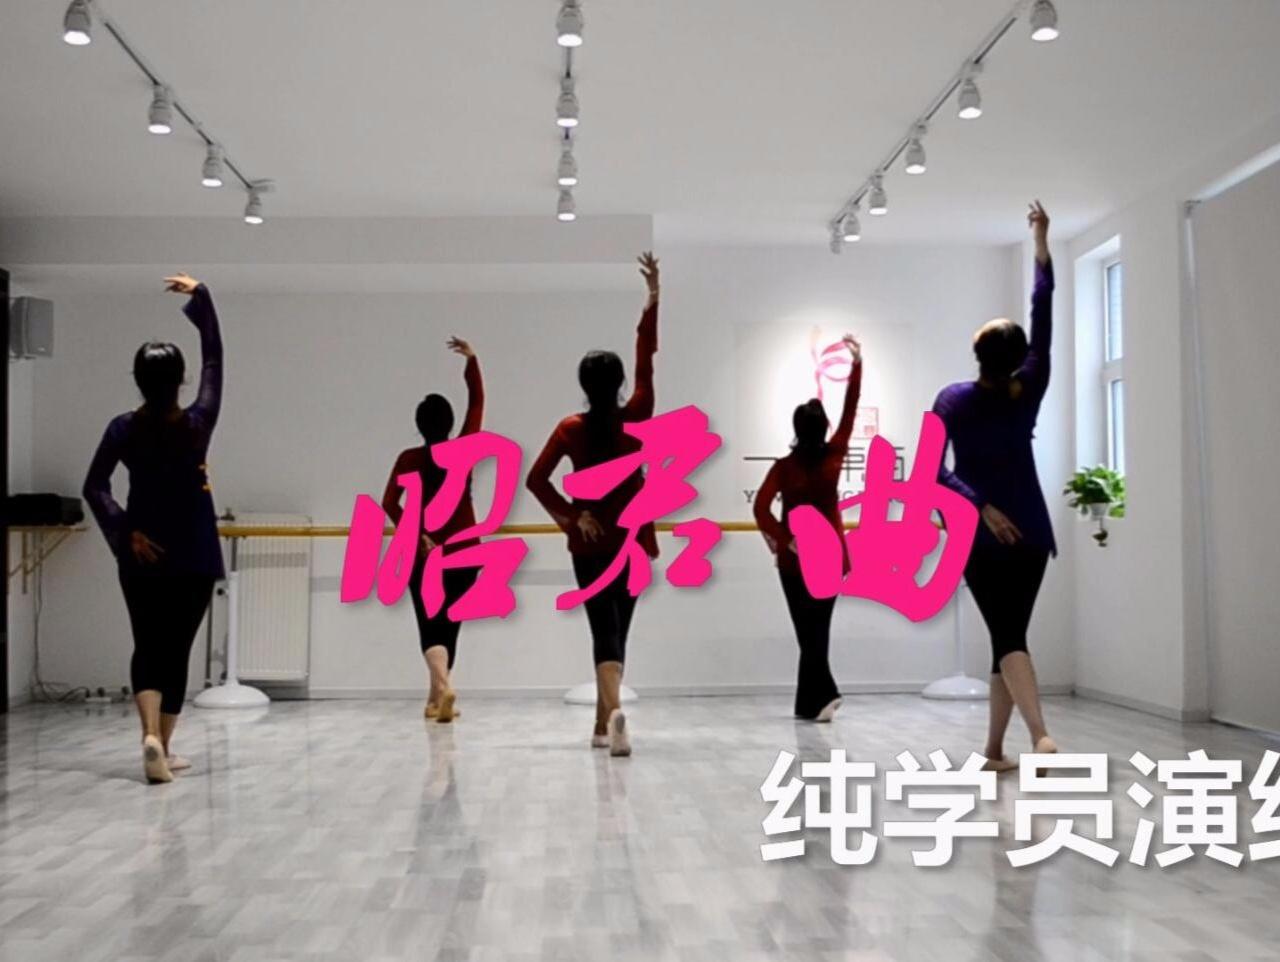 【一舞东方】-古典舞昭君曲